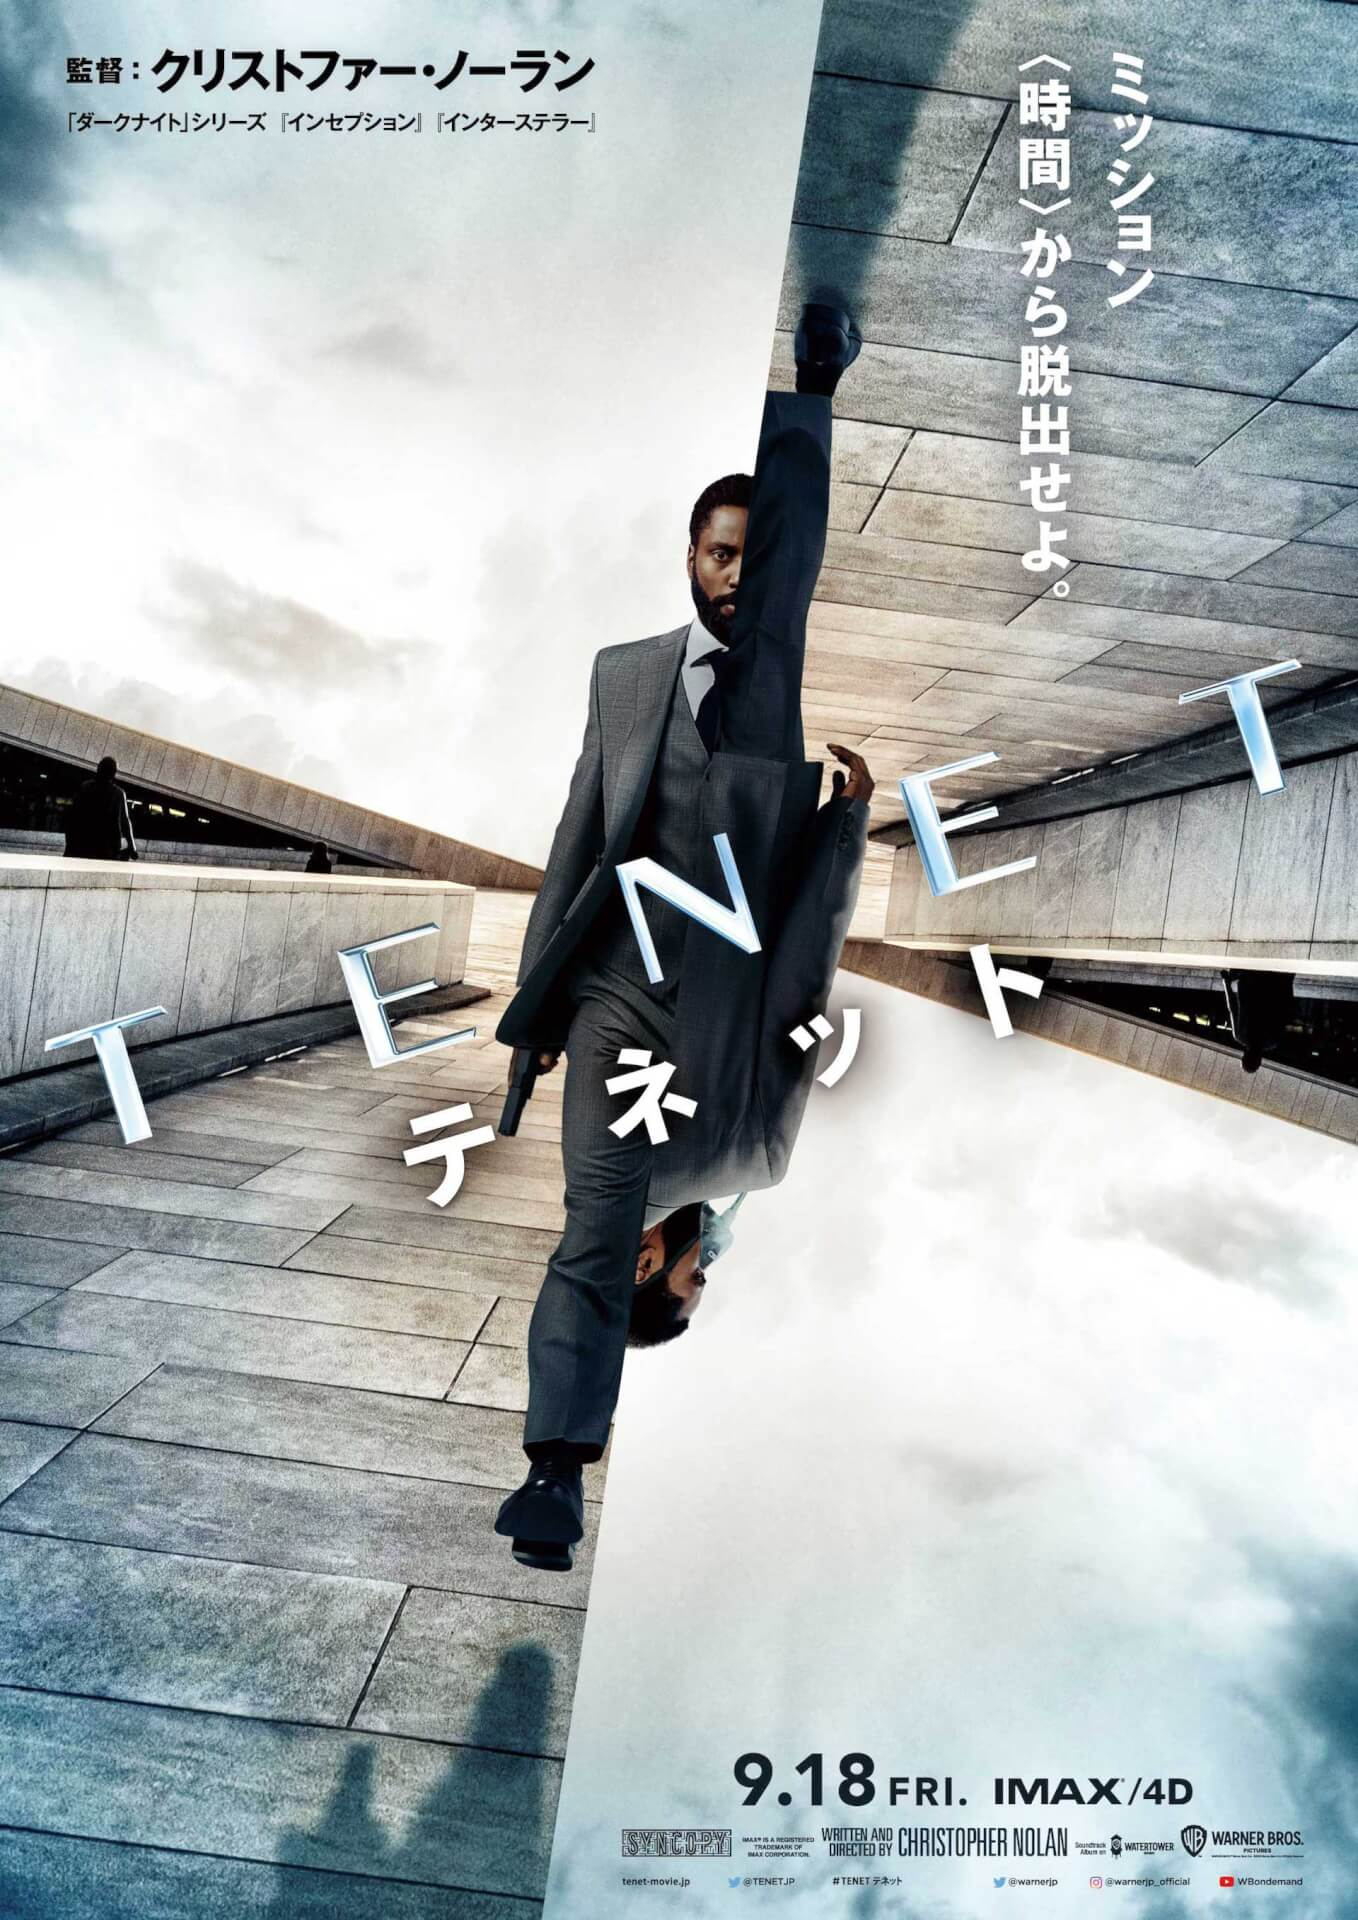 クリストファー・ノーラン最新作『TENET テネット』の謎を解くヒントがここに!鍵を握る一部本編映像が解禁 film201009_tenet_1